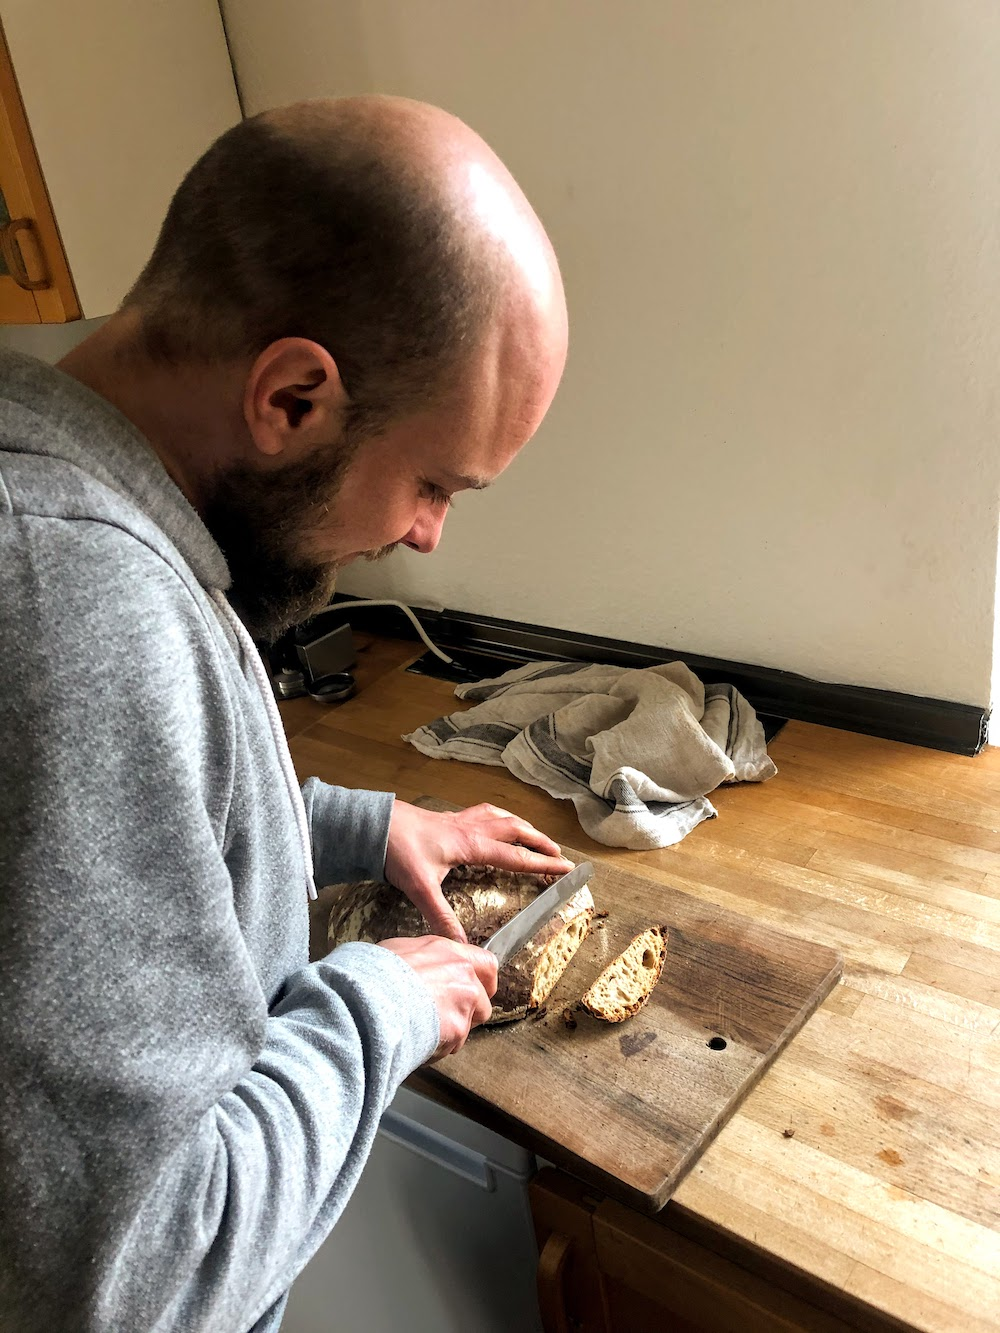 Basti schneidet das schnelle Sauerteigbrot